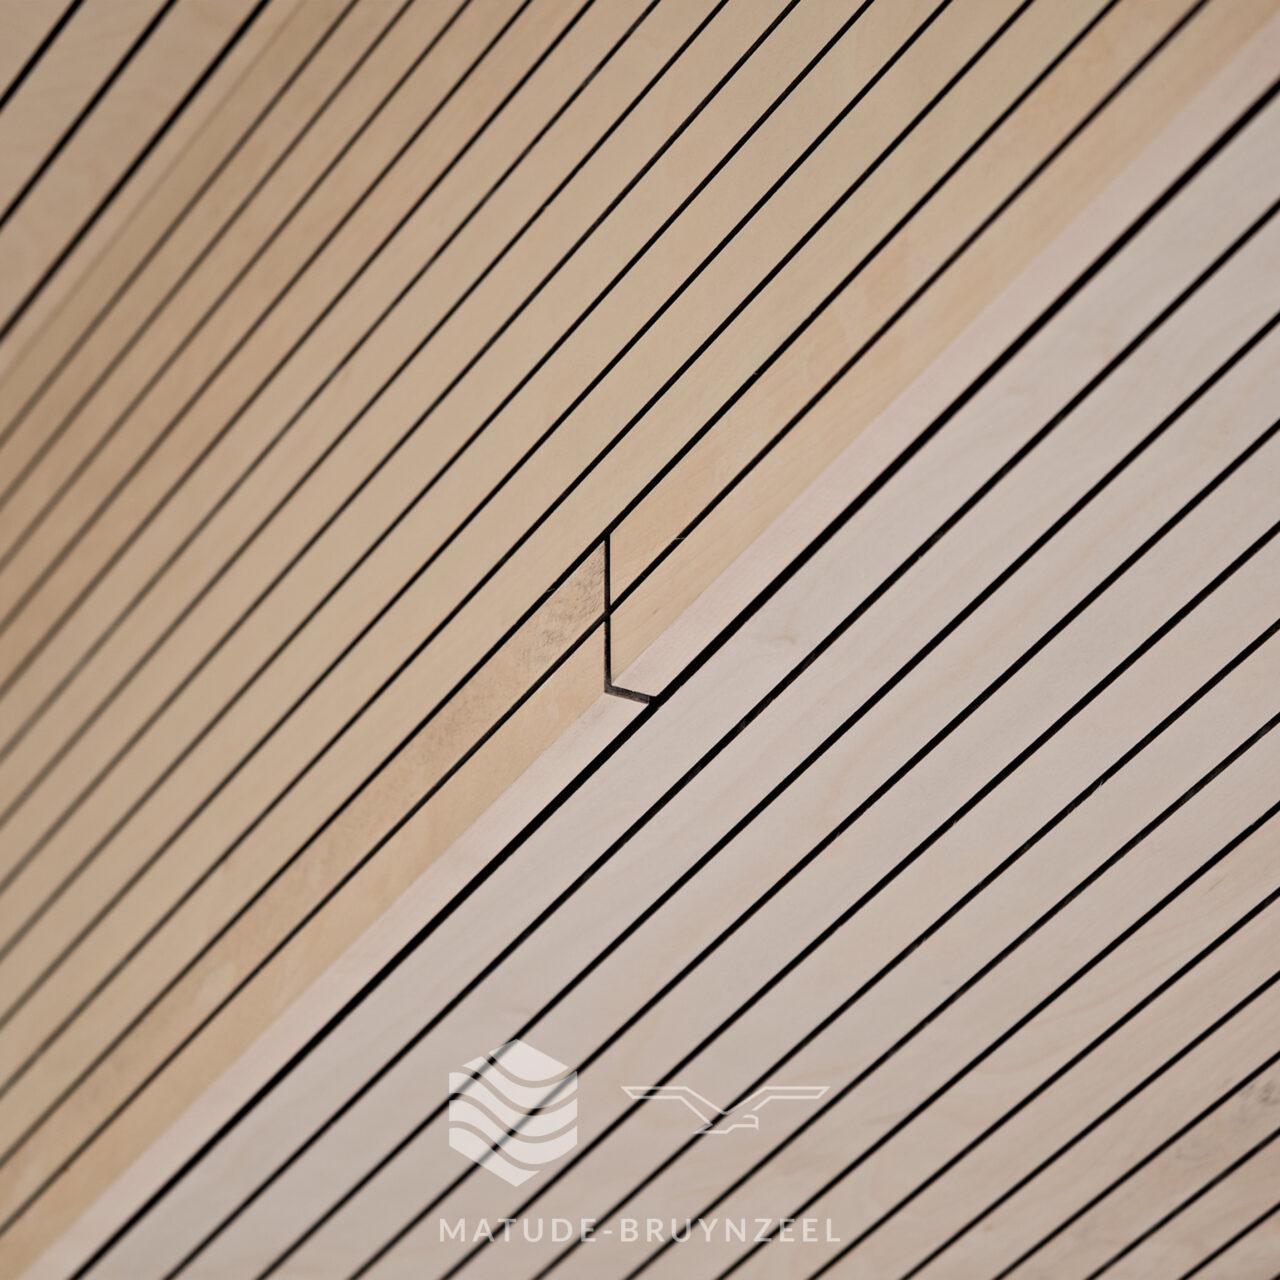 https://www.matude.nl/wp-content/uploads/2020/12/Matude_Bruynzeel_MFA_Voorn_Bruynzeel_Perfosound_Line_Akoestisch_Plafond_08-1280x1280.jpg